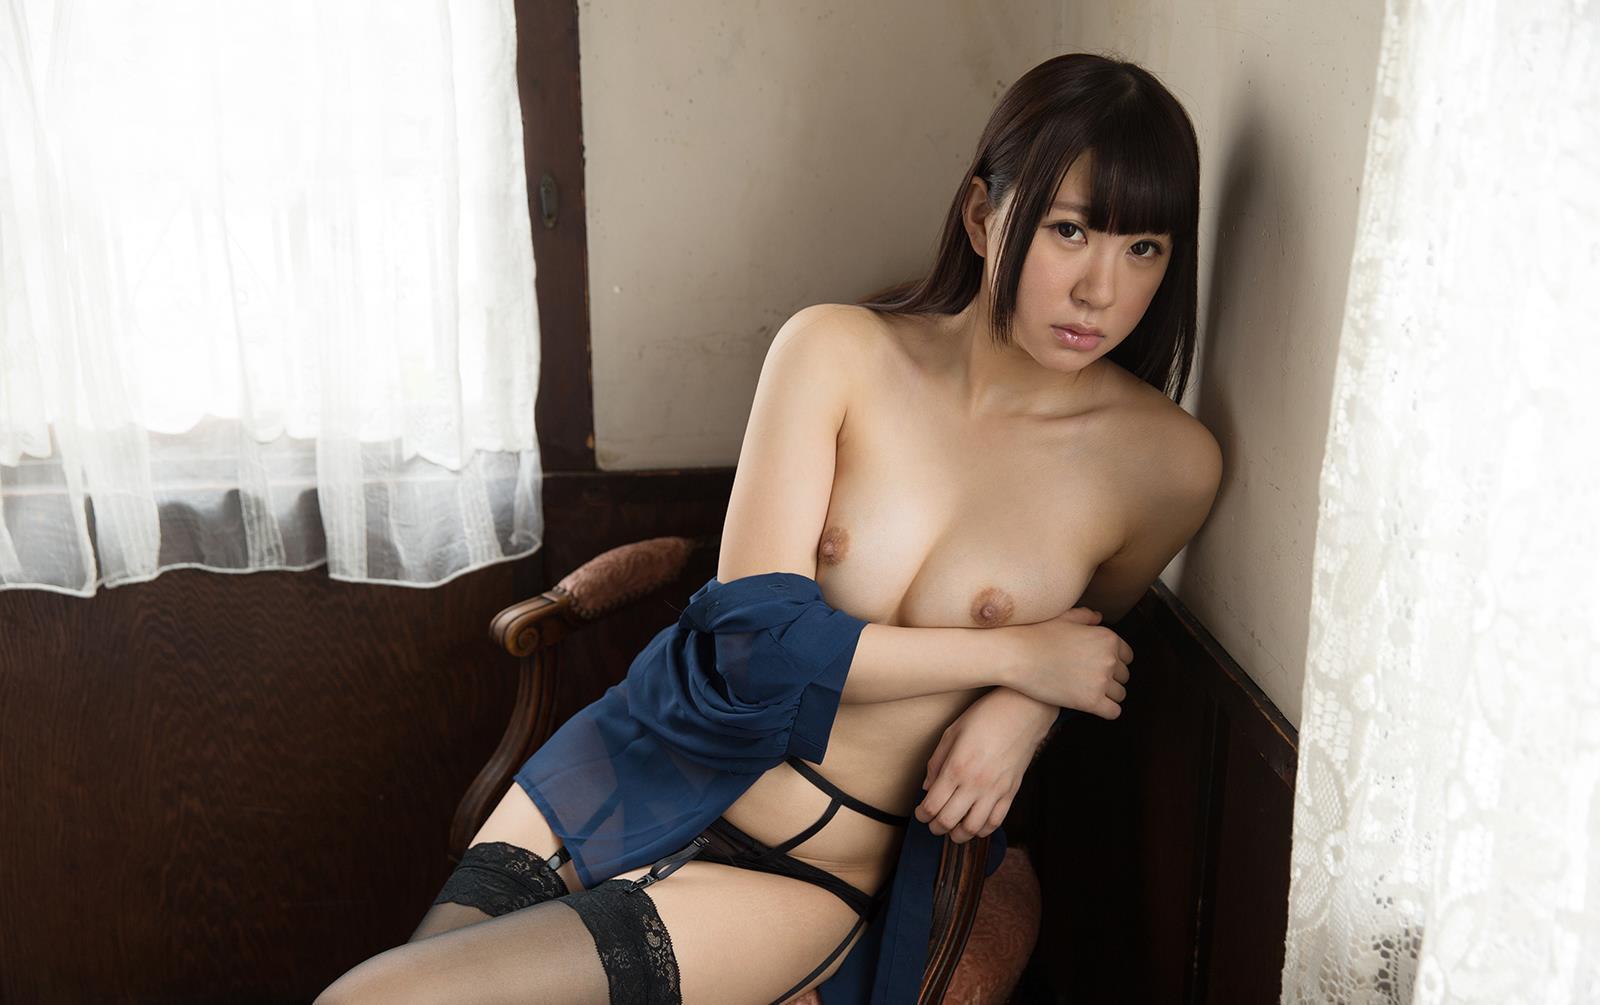 元AKB成瀬理沙で現AV女優・逢坂はるなヌード画像